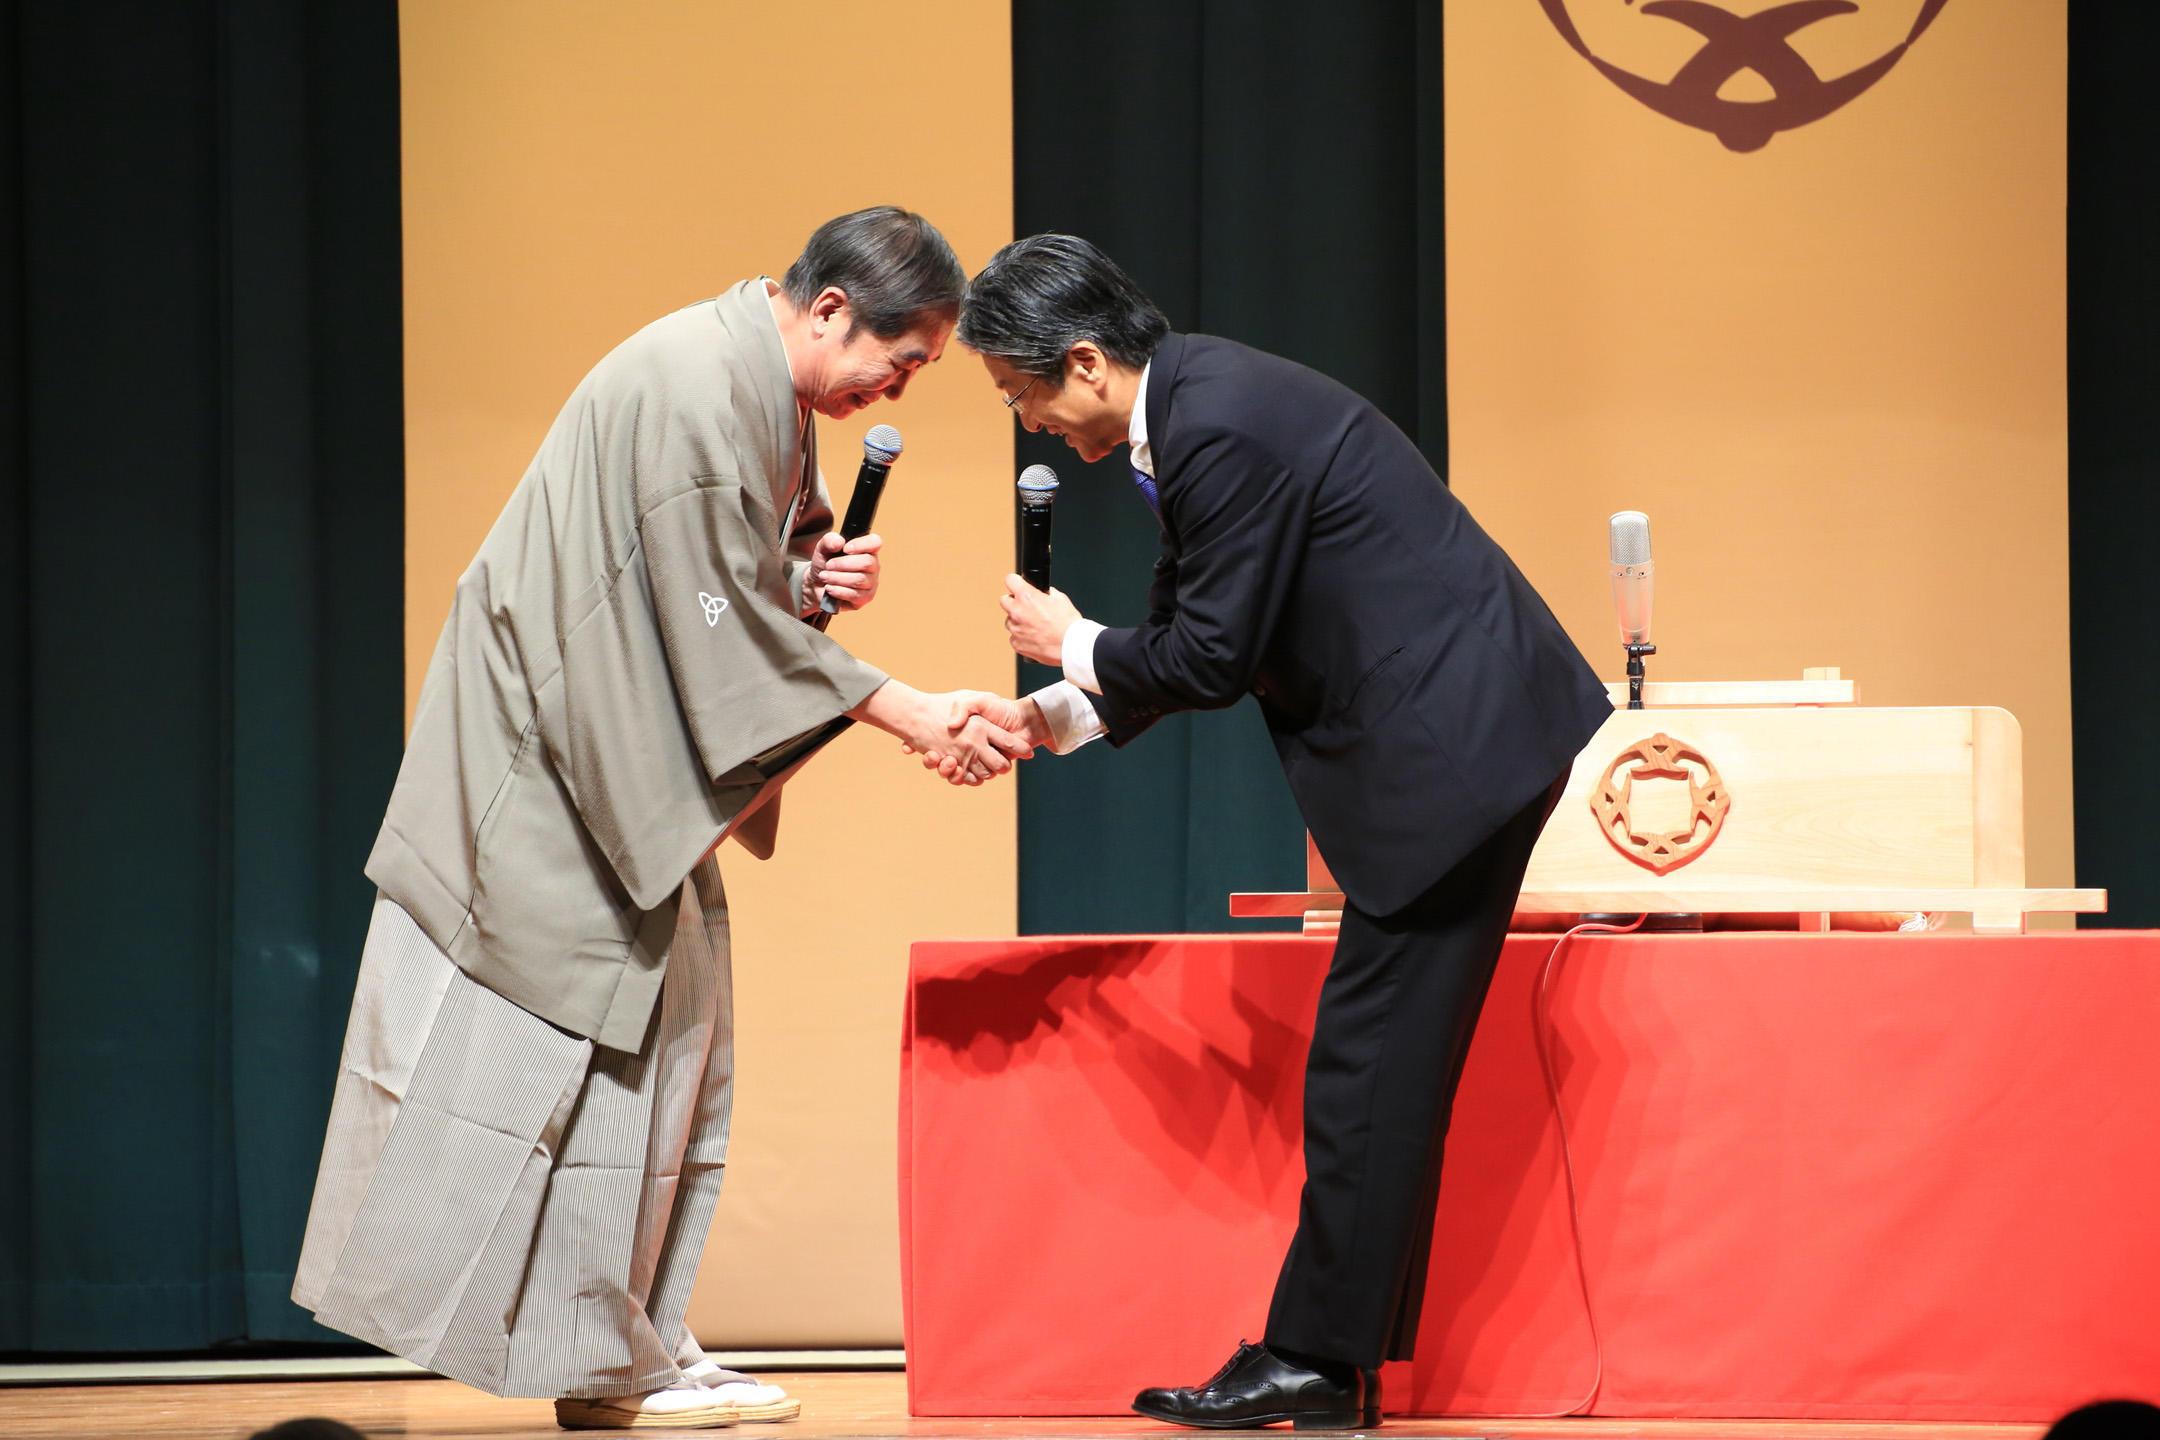 http://news.yoshimoto.co.jp/20190130181722-59dfde47d8c67a98b312f357c29ad5238bf0ffc0.jpg